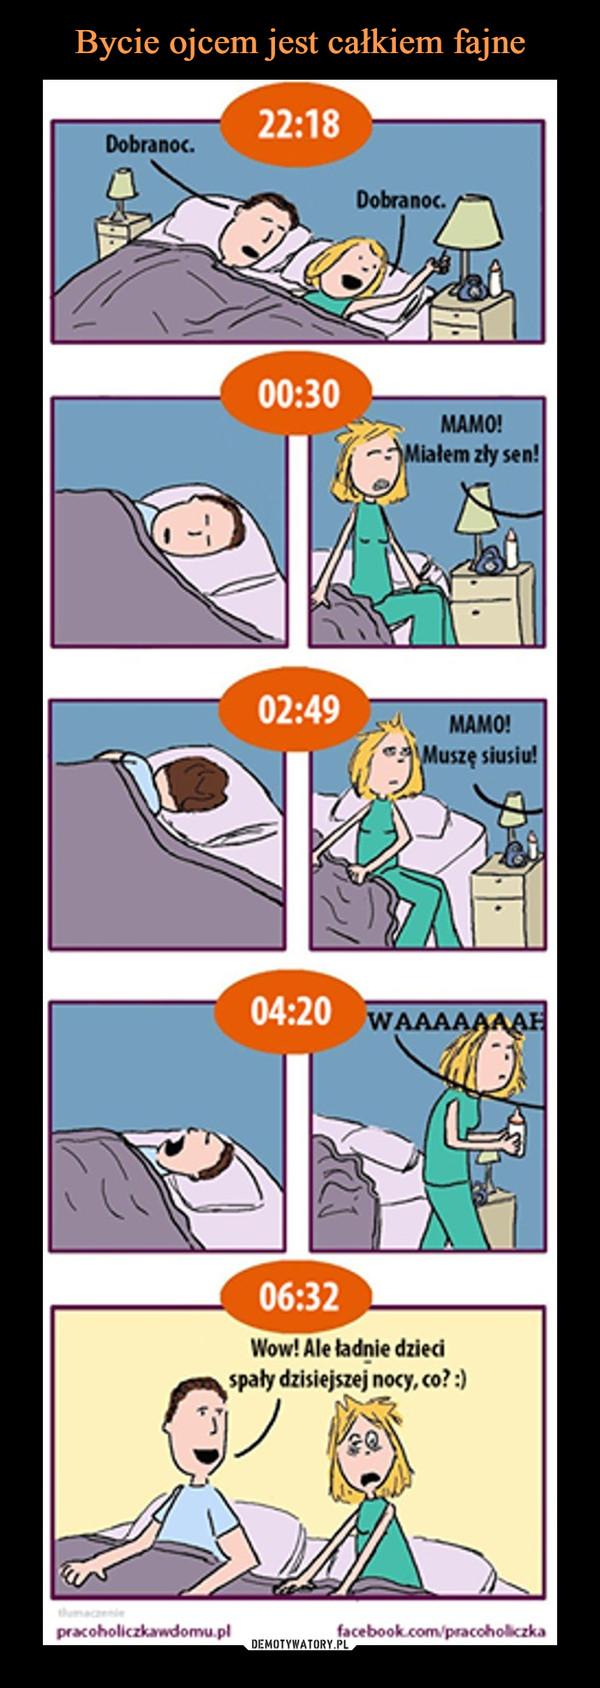 –  Dobranoc.Dobranoc.MAMO! Miałem zły sen!MAMO! Muszę siusiu!WAAAAAFWow! Ale ładnie dzieci spały dzisiejszej nocy, co? :)